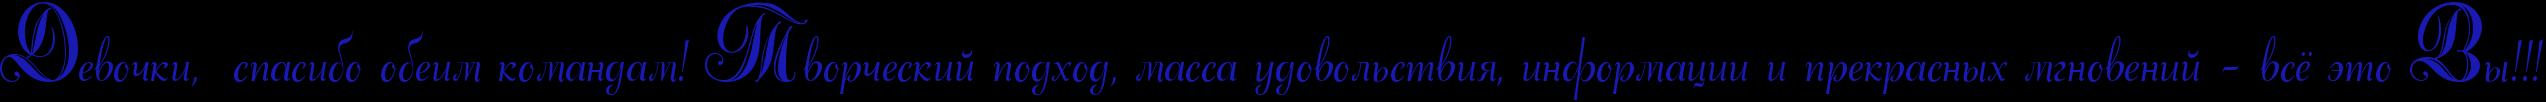 http://x-lines.ru/letters/i/cyrillicscript/0914/1919b3/60/1/4nkpbpqosmem7wc84n7pbqbcryopdyqoz9embwcb4nhpbcqozaopbxsos8emmwfa4n6nbwf44n9pbxgosdem5wfw4napbxbbrdekfwf14n9pdygto9emmwcb4n7pbqgozropbx6oz5emjwcf4n9pbpbcrdem3wfo4gy7dyqosyopdy6osuem7wf14n9pbq6ttueadwcn4n3pbqgtthsnbwfa4n67dbgoz5eabwfh4napdbsozdemoegozyopbx6todemmwf44gypbcgto8em5wcm4gn1bwfh4n37bxqoz5emfwfi4n67bqgozron4egosmeadwctrdea5wcn4n9nbwr14gf1nejb.png